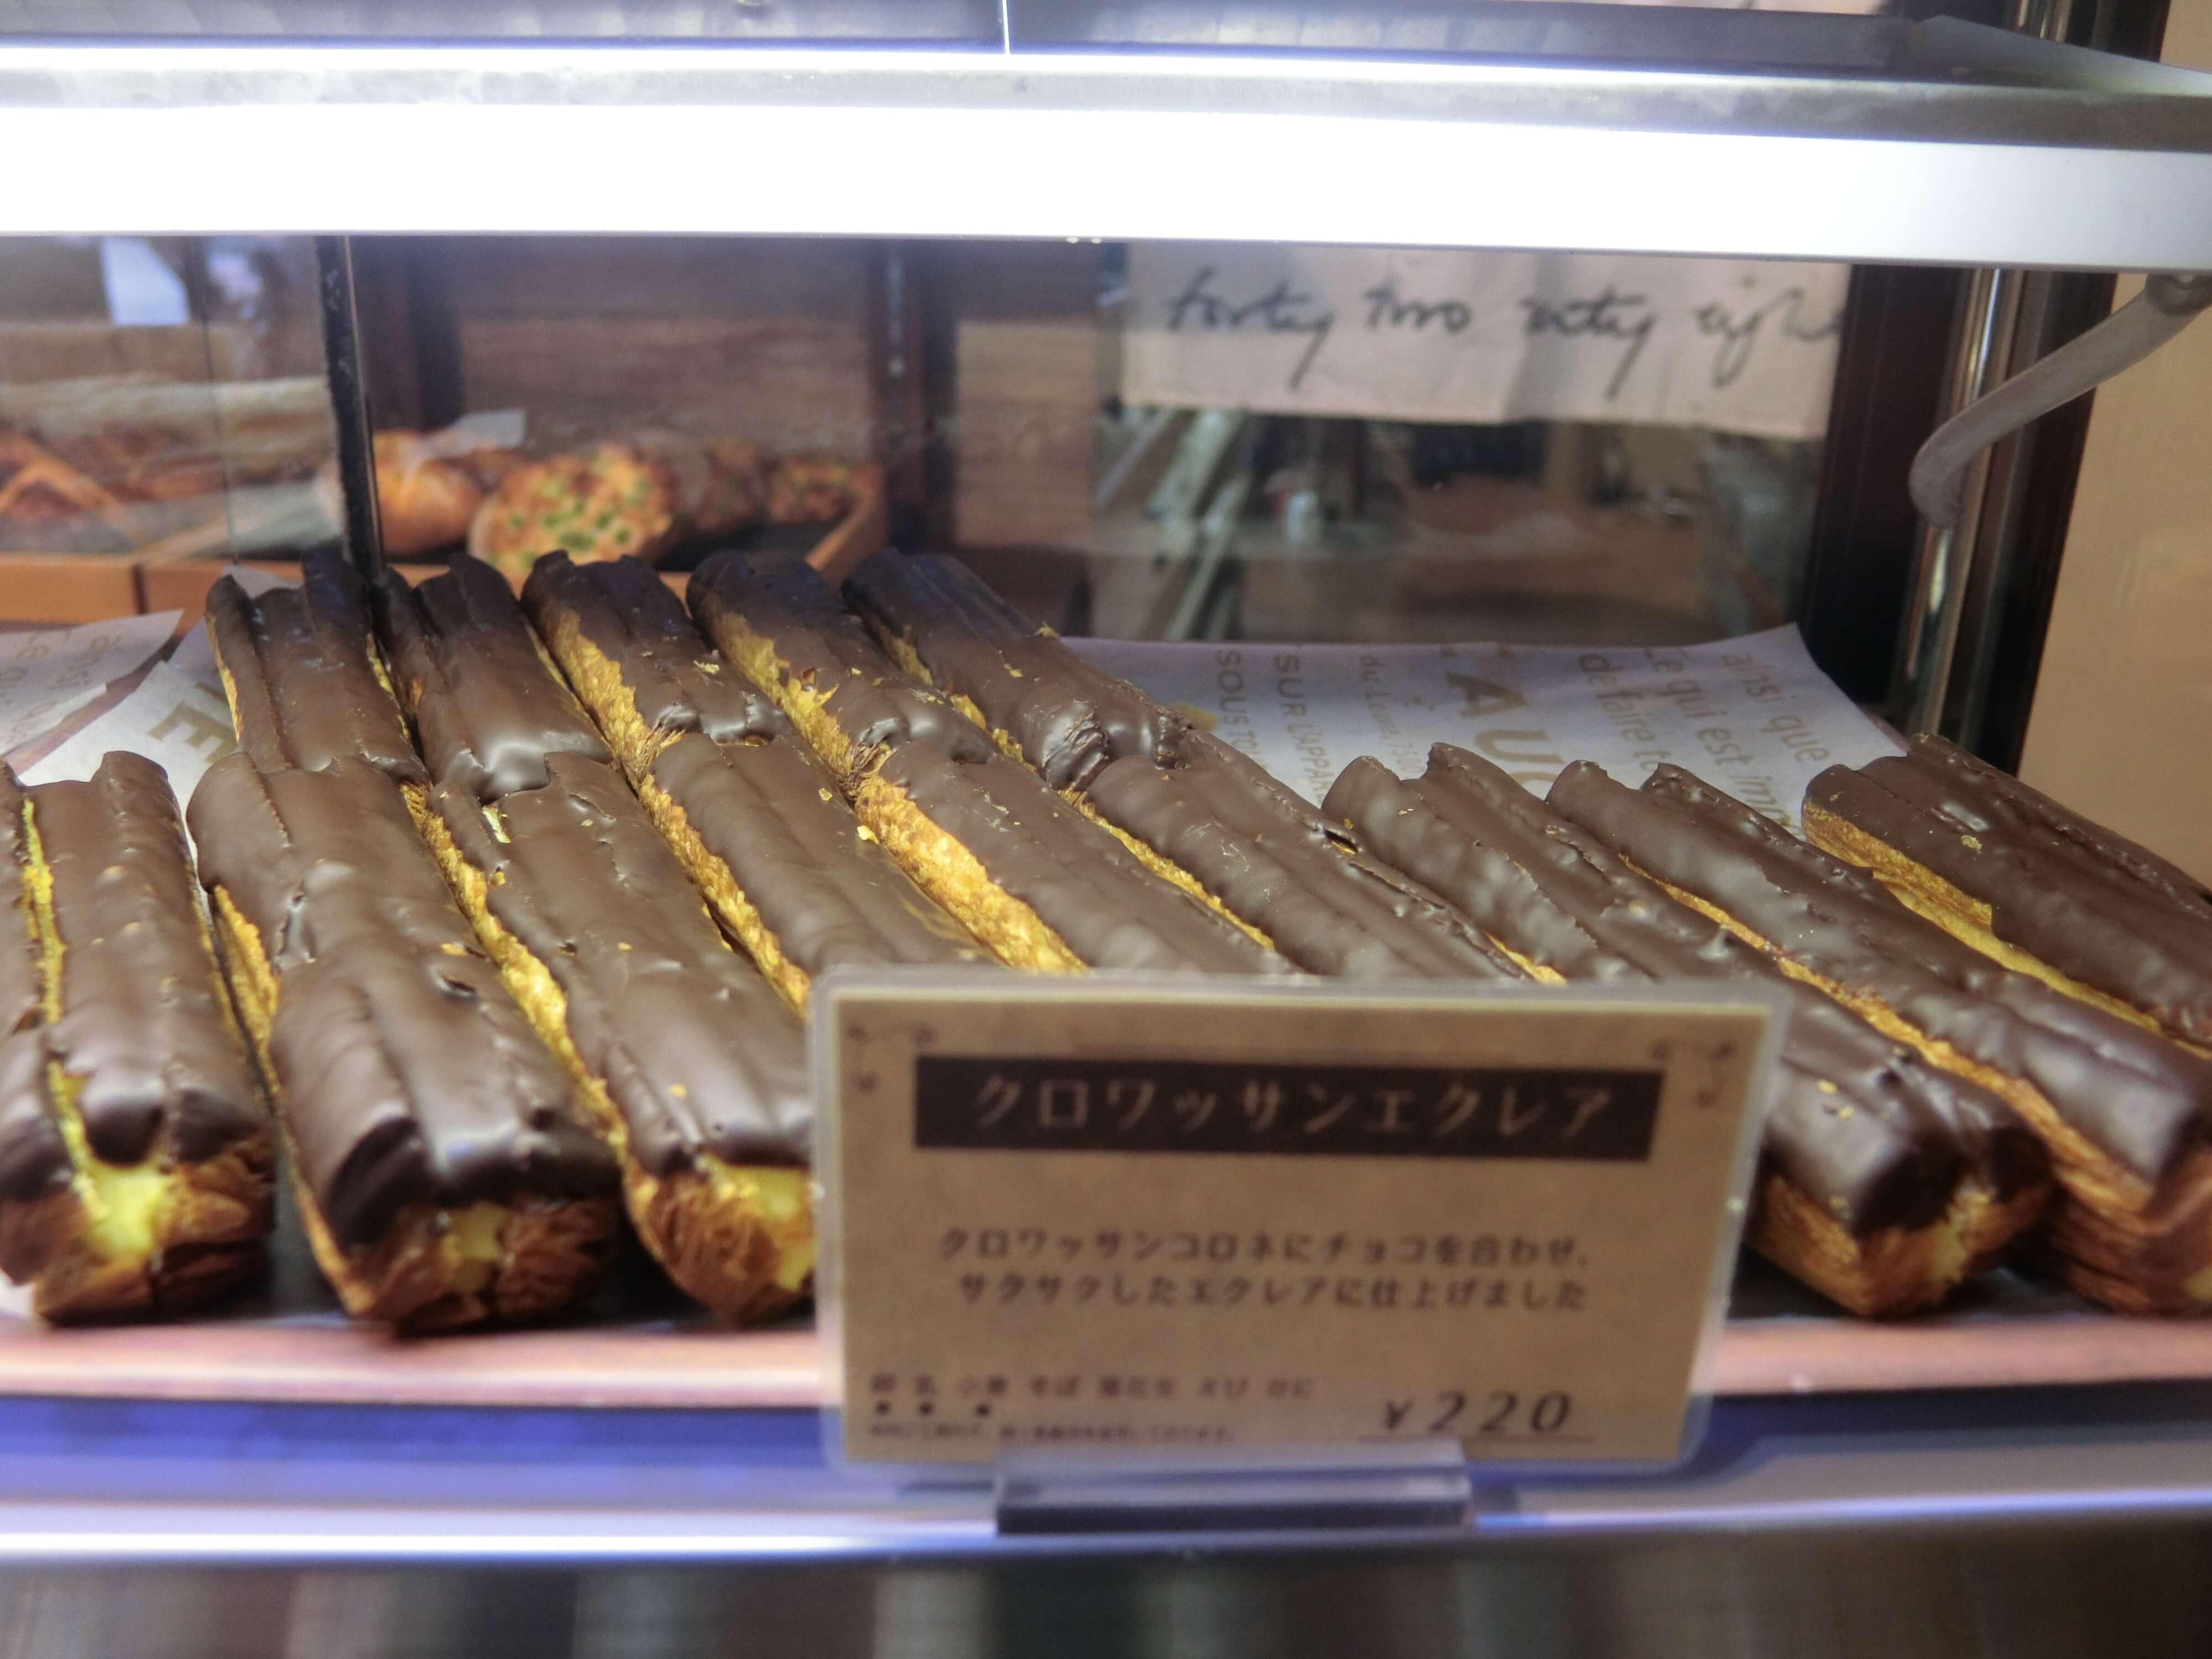 【八ヶ岳パン&カフェ】ぱんパパンドカフェ@リゾナーレ八ヶ岳|お店の雰囲気8